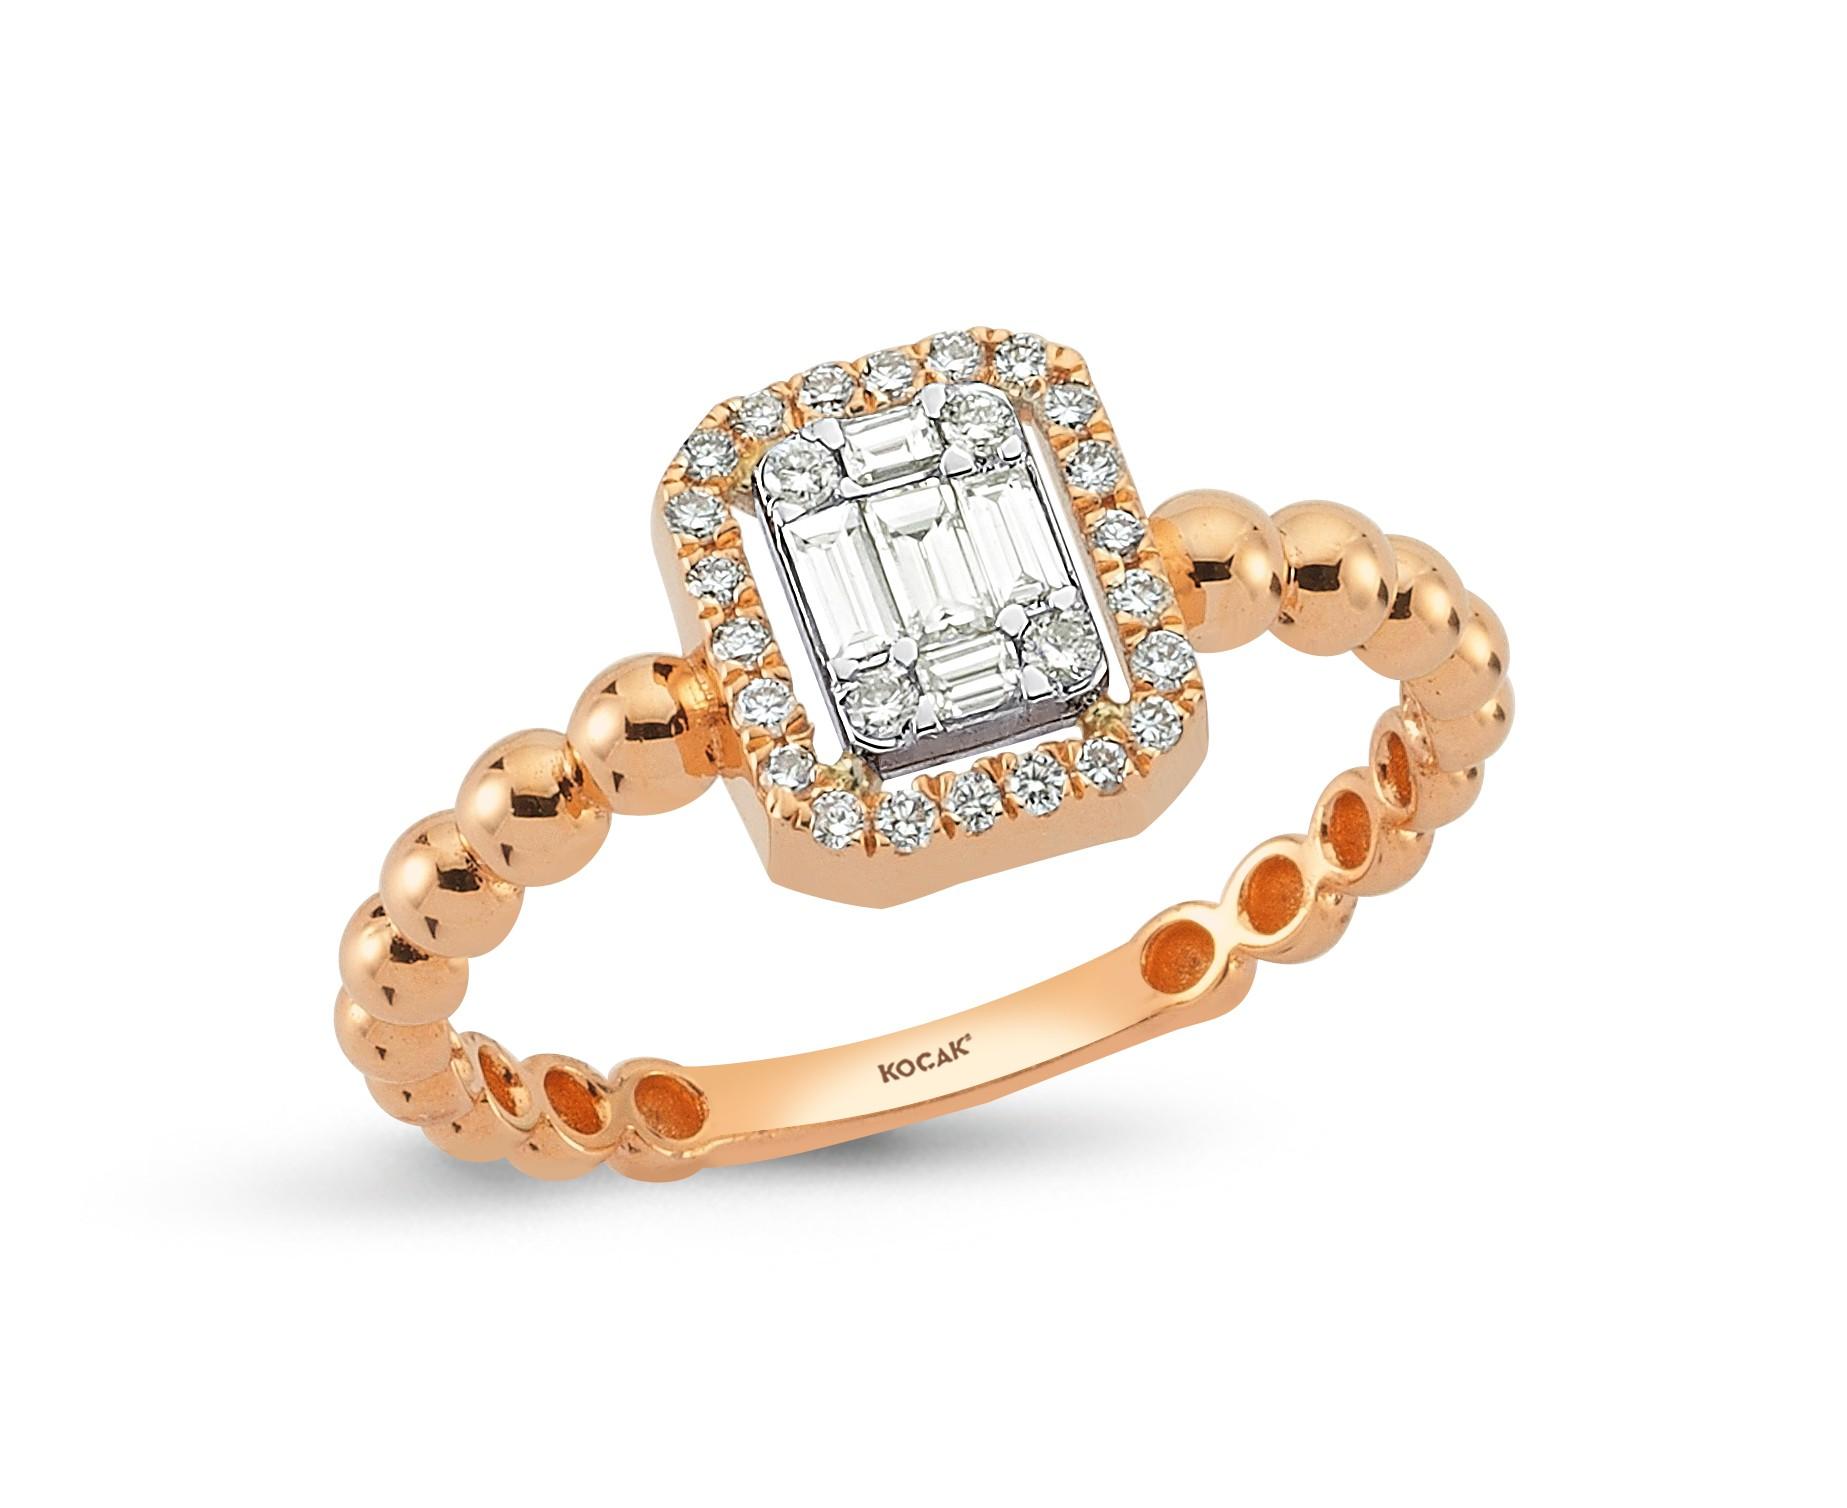 750 Kocak Gold | Baguette Diamant Ring